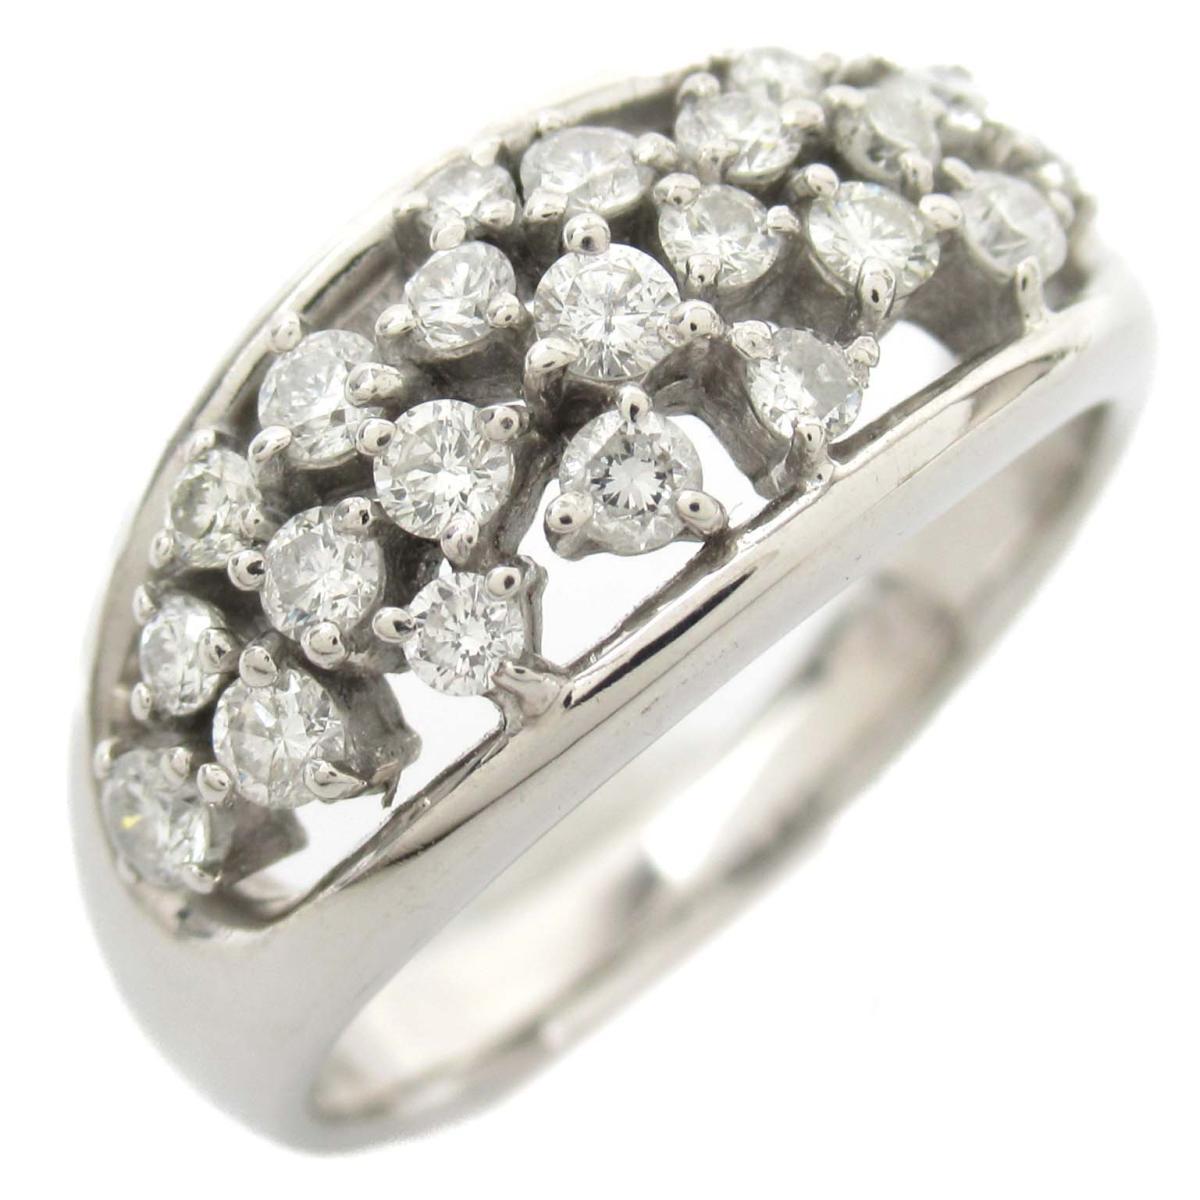 ジュエリー ダイヤモンド リング 指輪 ノーブランドジュエリー レディース 18Kホワイトゴールド x ダイヤモンド0.50ct 【中古】 | JEWELRY BRANDOFF ブランドオフ アクセサリー